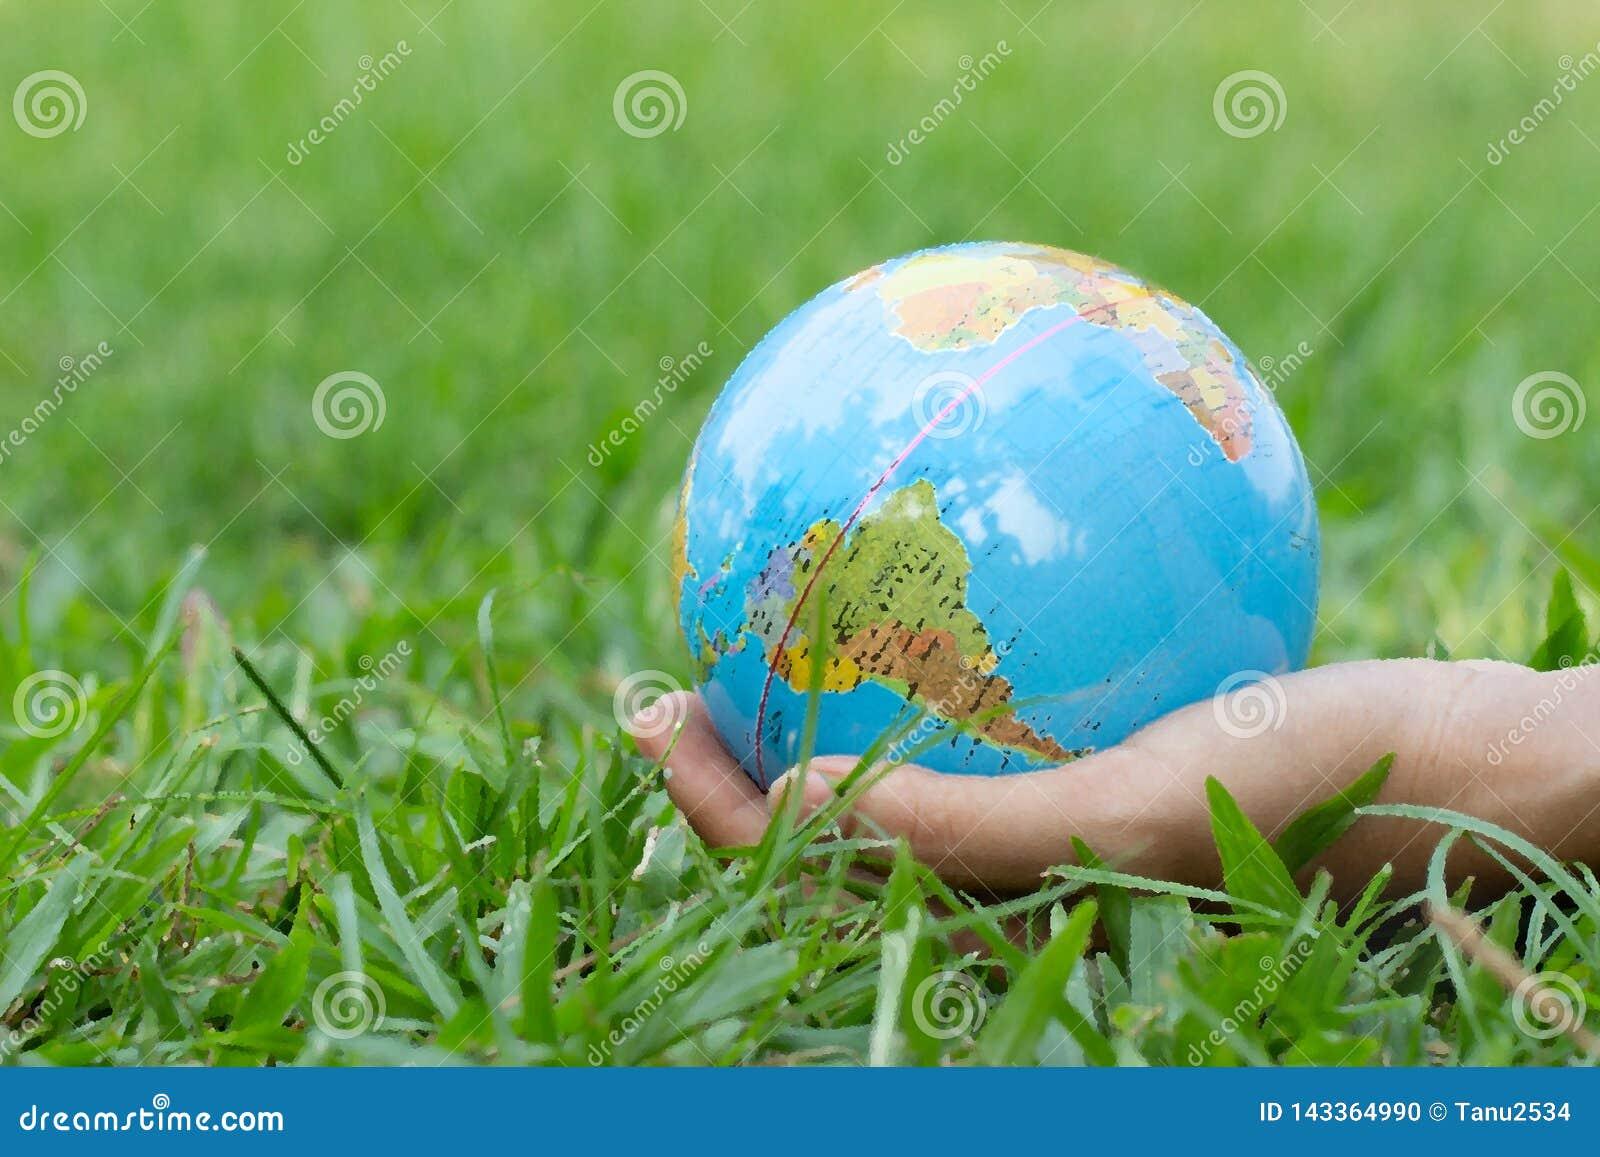 拿着在自然绿色背景的女性手浮动地球 变褐环境叶子去去的绿色拥抱本质说明说法口号文本结构树的包括的日地球